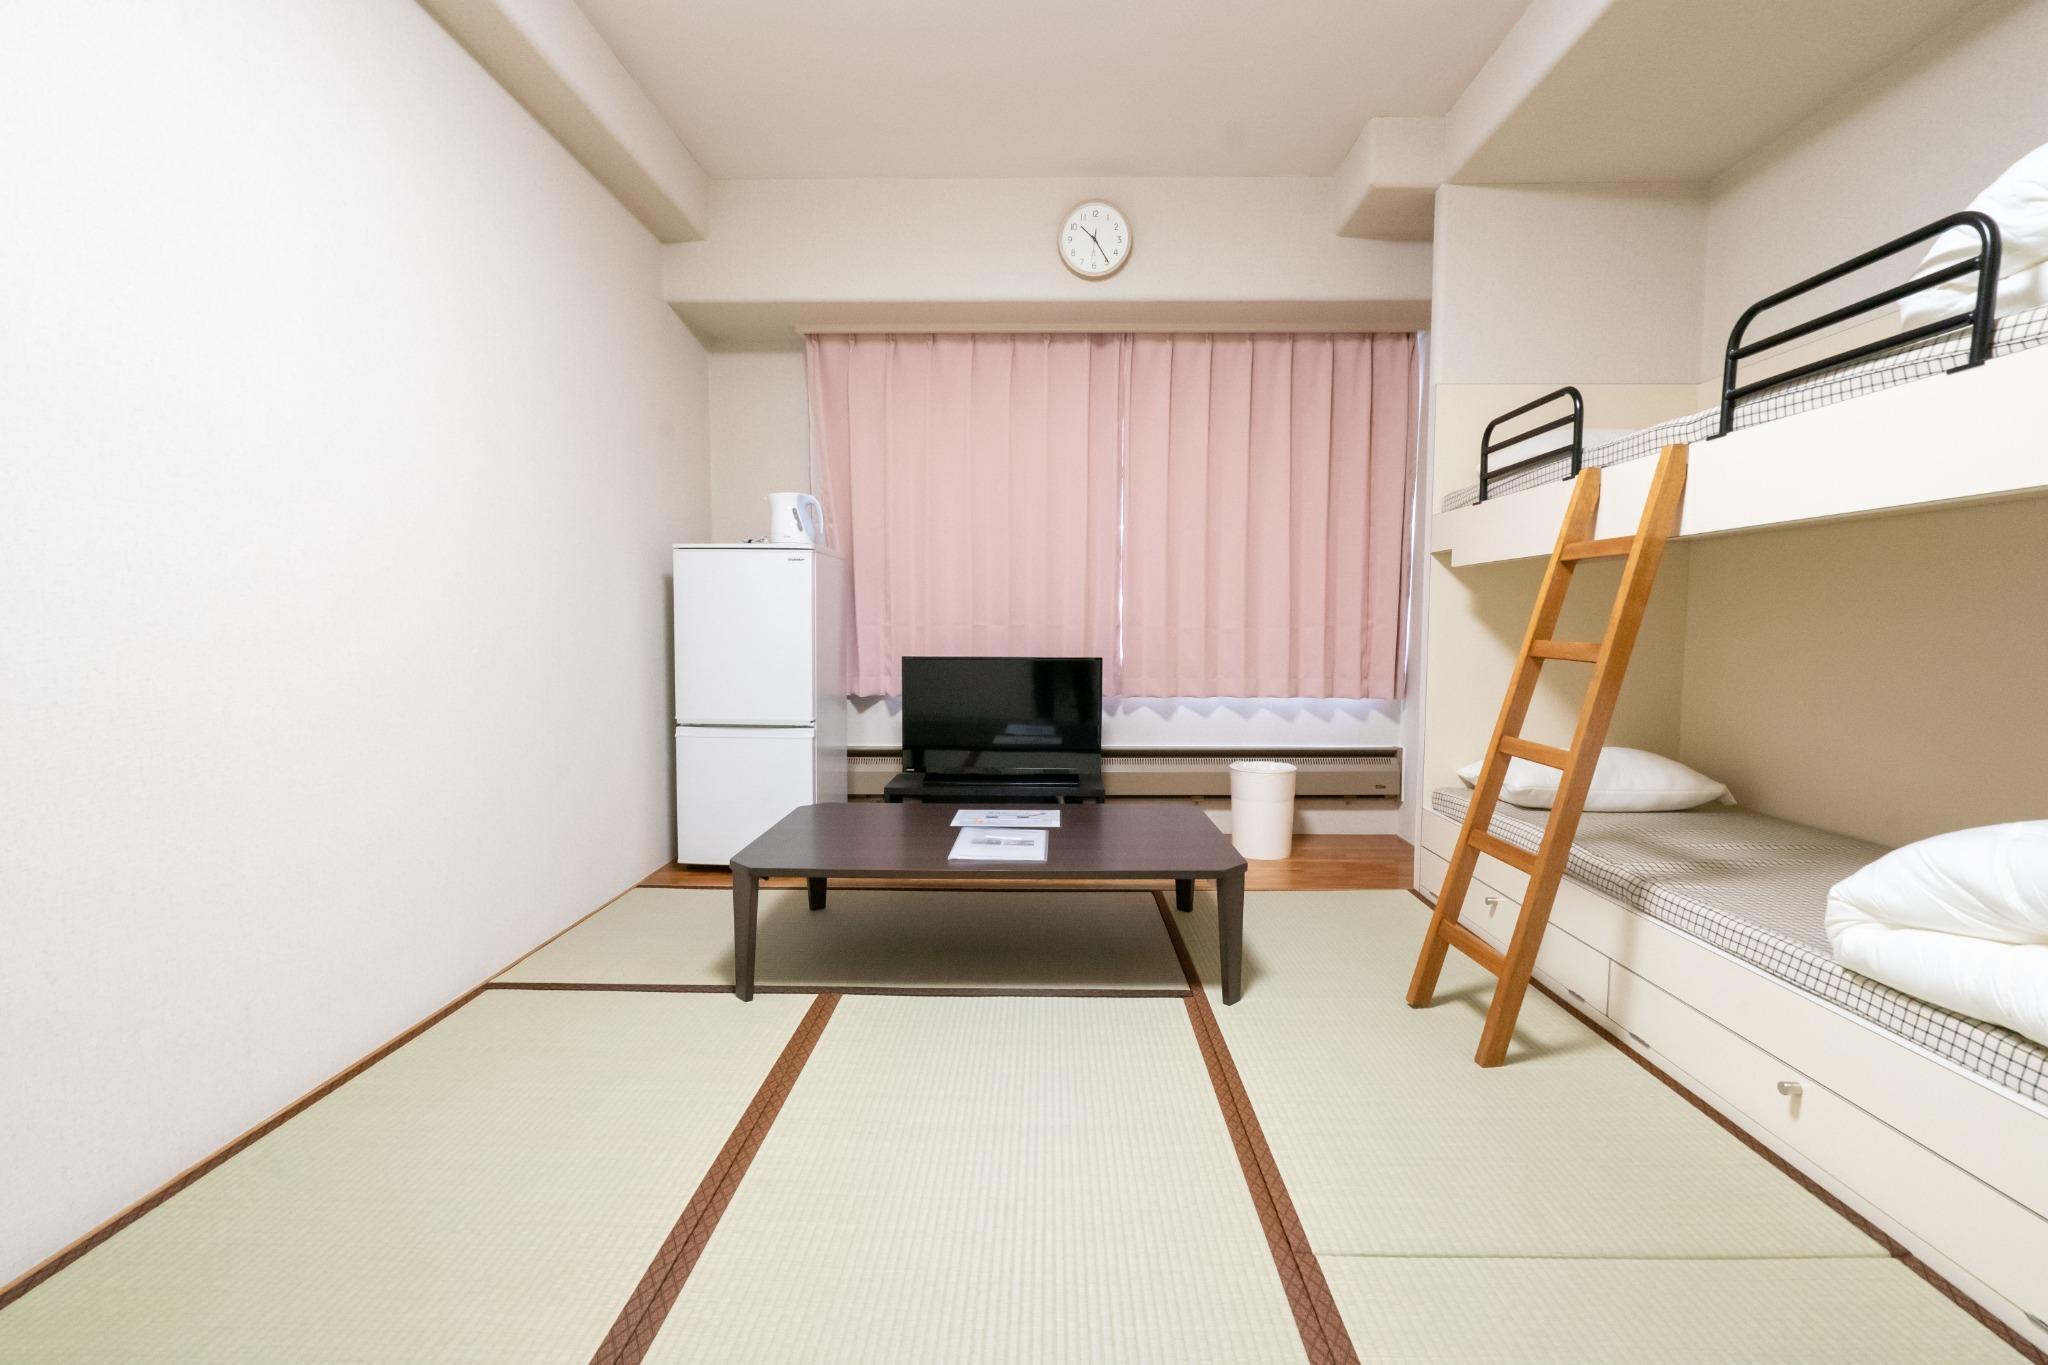 【値下げSALE中】温泉有・Wi-Fi完備・リゾートマンションでごゆっくり【805号室・4名】